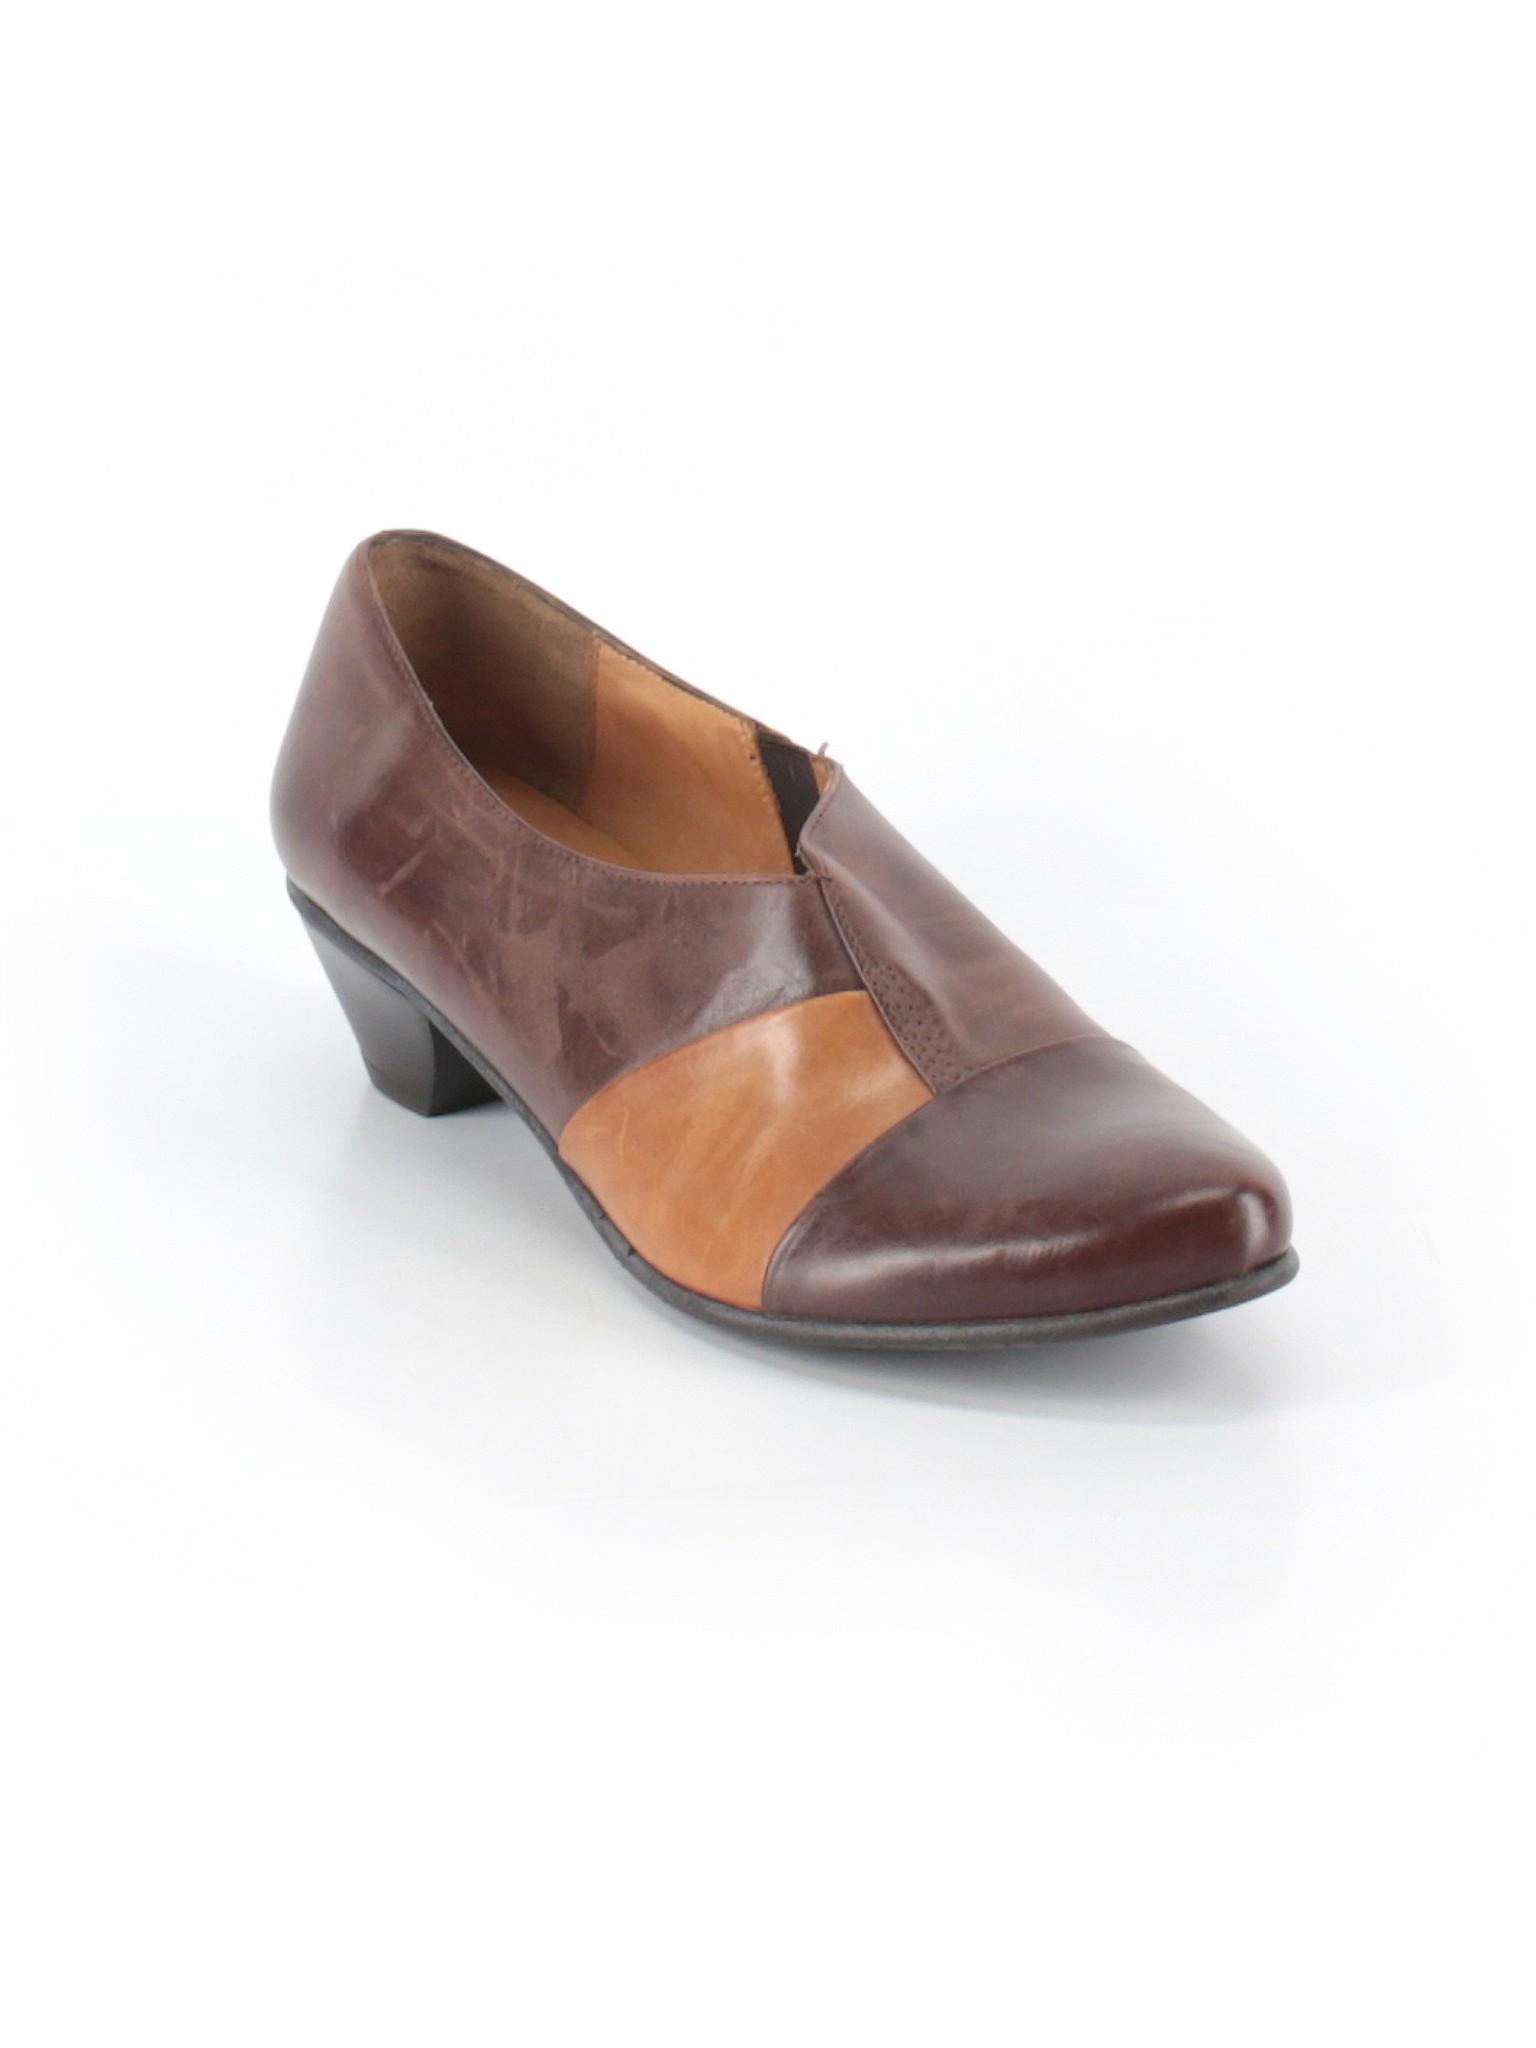 Fidji Boutique Heels promotion Boutique promotion qYcZSW